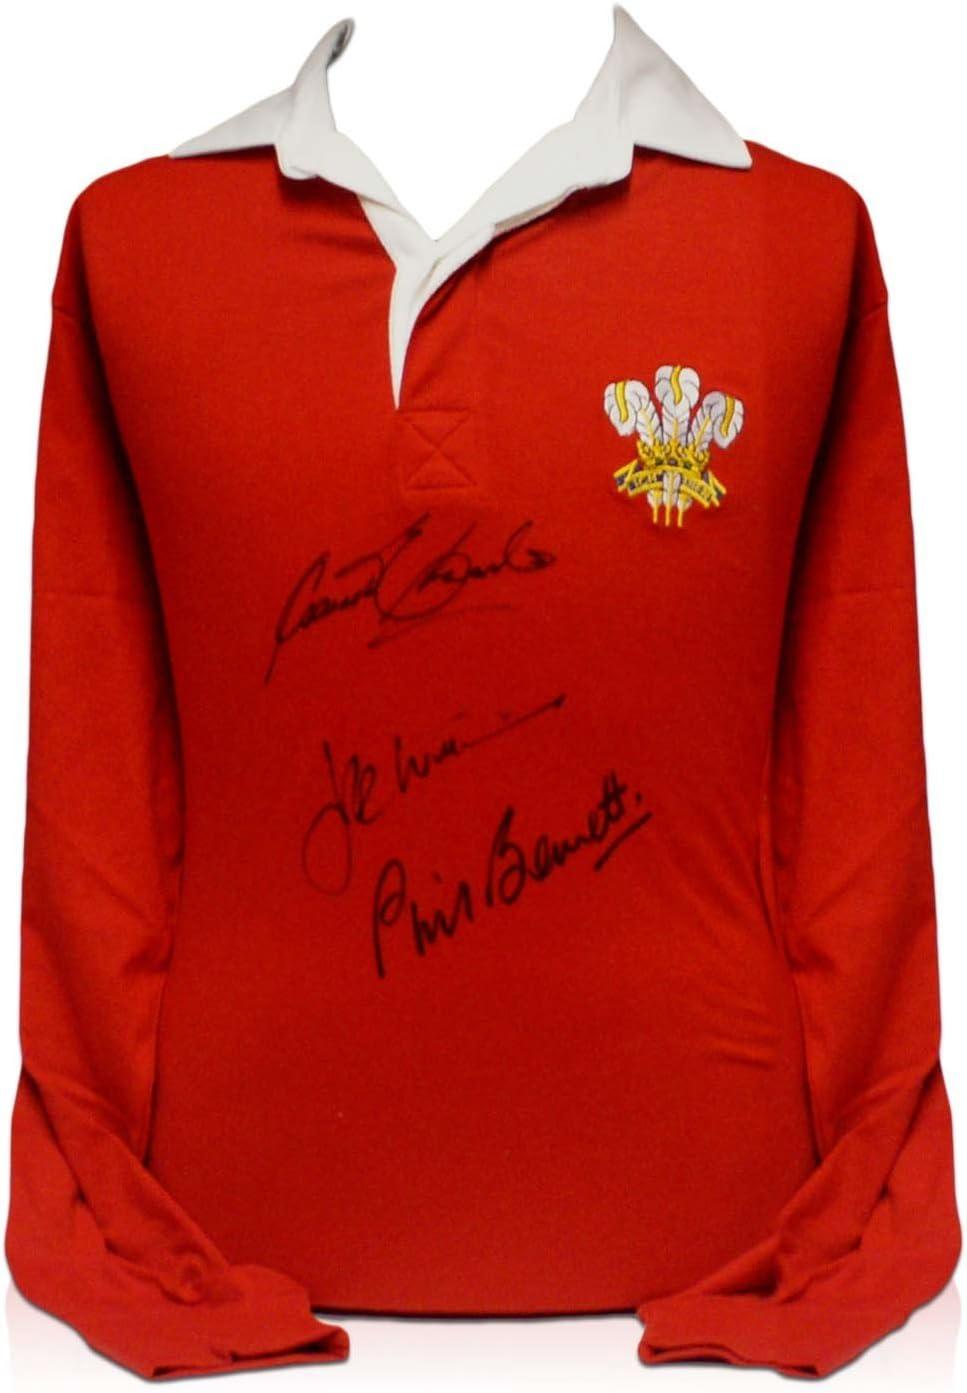 camiseta de Gales de rugby firmada por Gareth Edwards, JPR Williams y Phil Bennett: Amazon.es: Deportes y aire libre